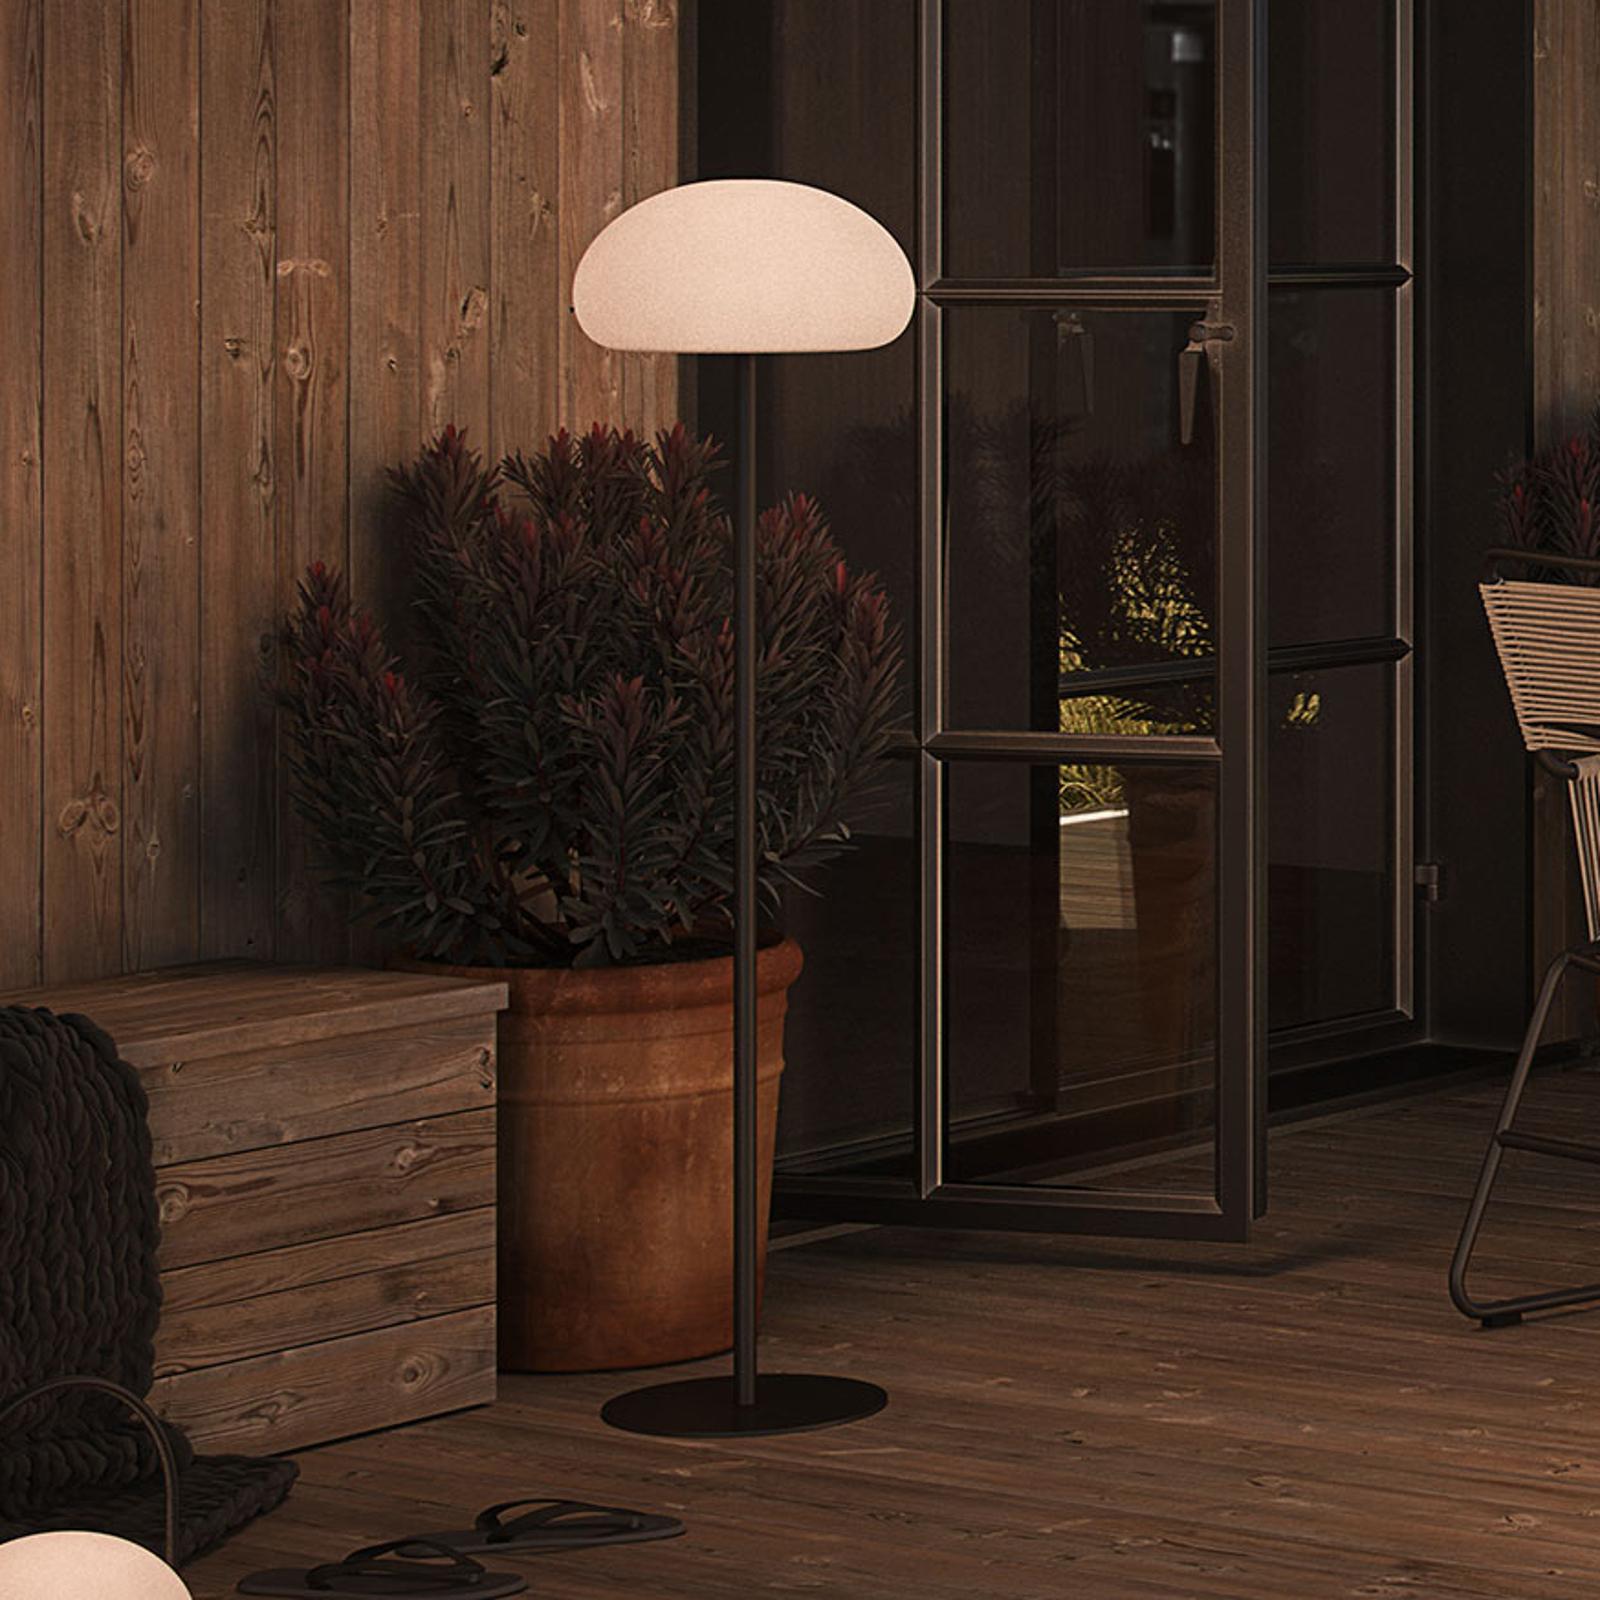 LED vloerlamp Sponge Floor voor het terras